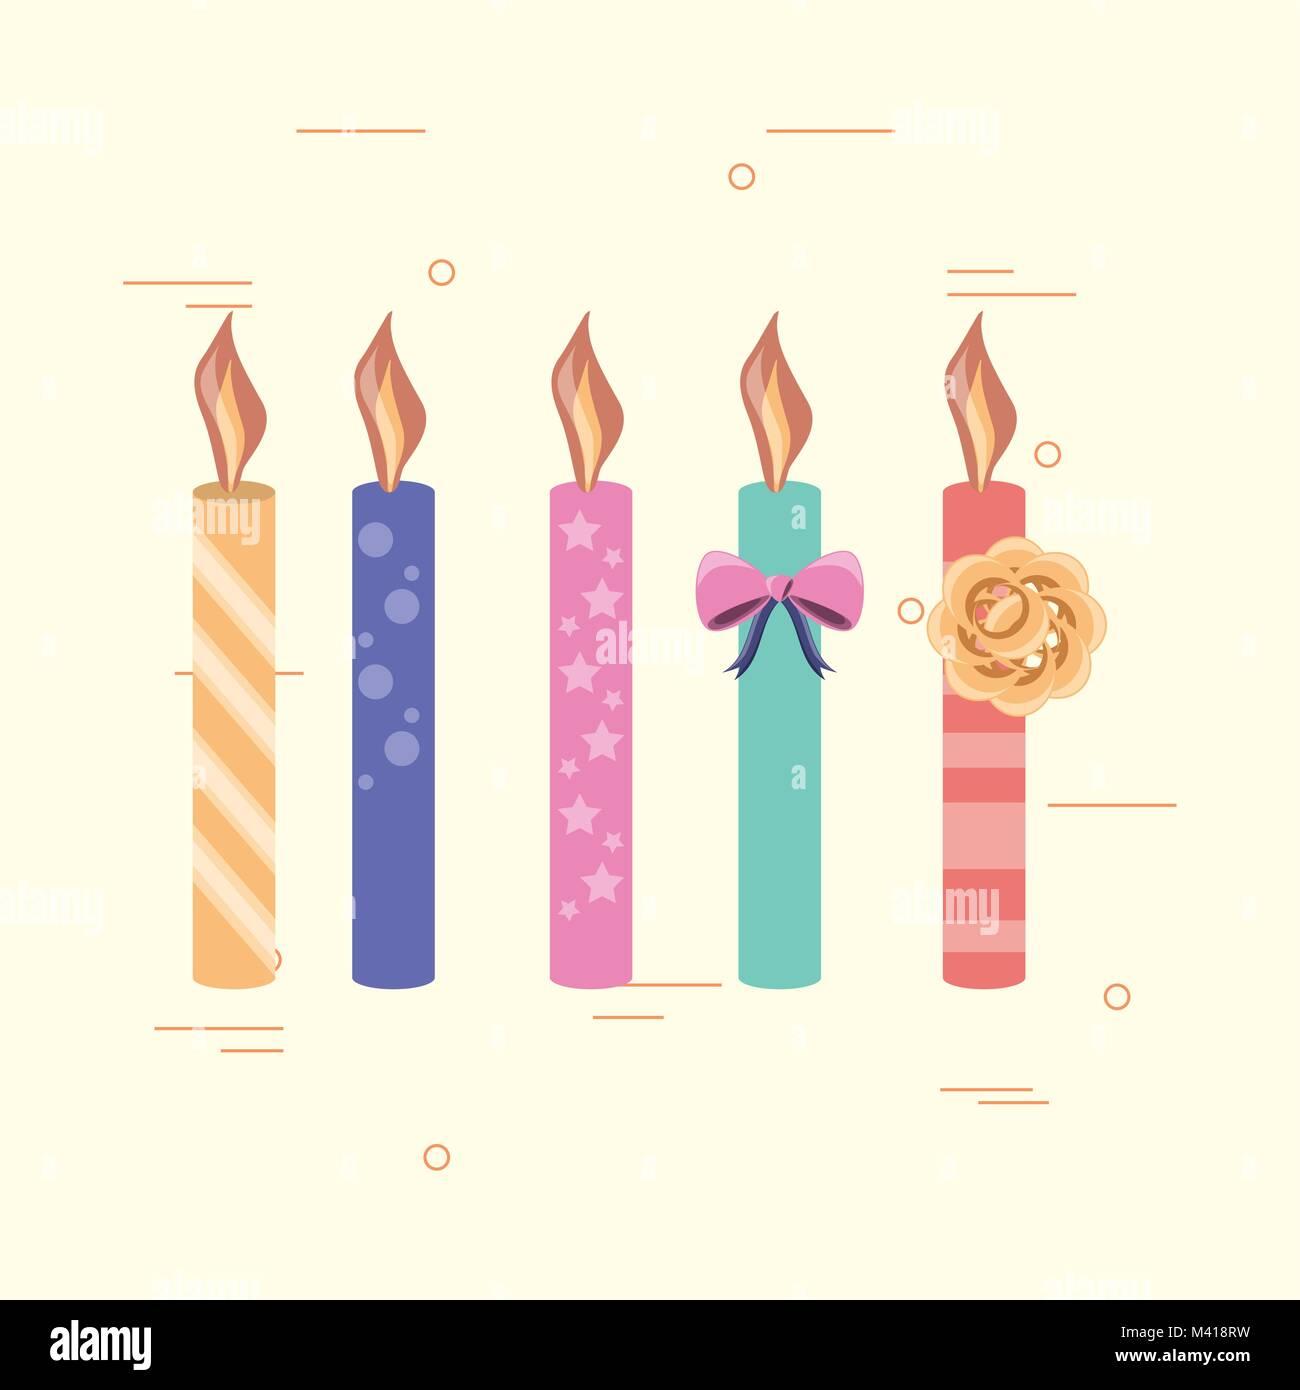 Buon compleanno design Illustrazione Vettoriale